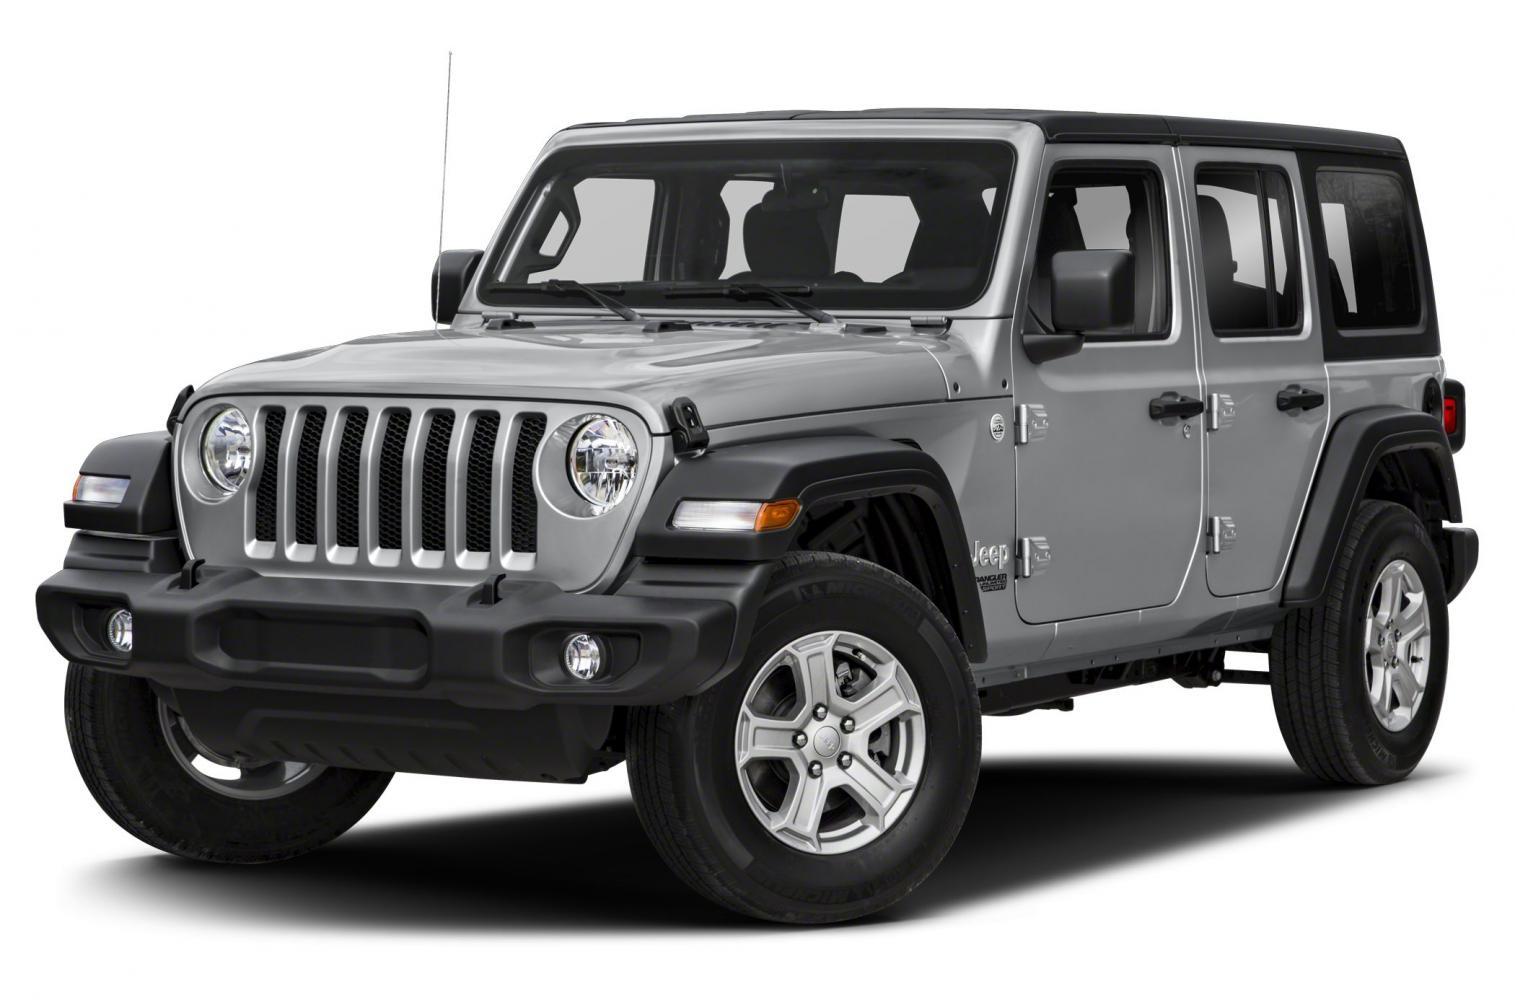 Jeep Wrangler Boite Auto 4 Portes Essence 18 CV